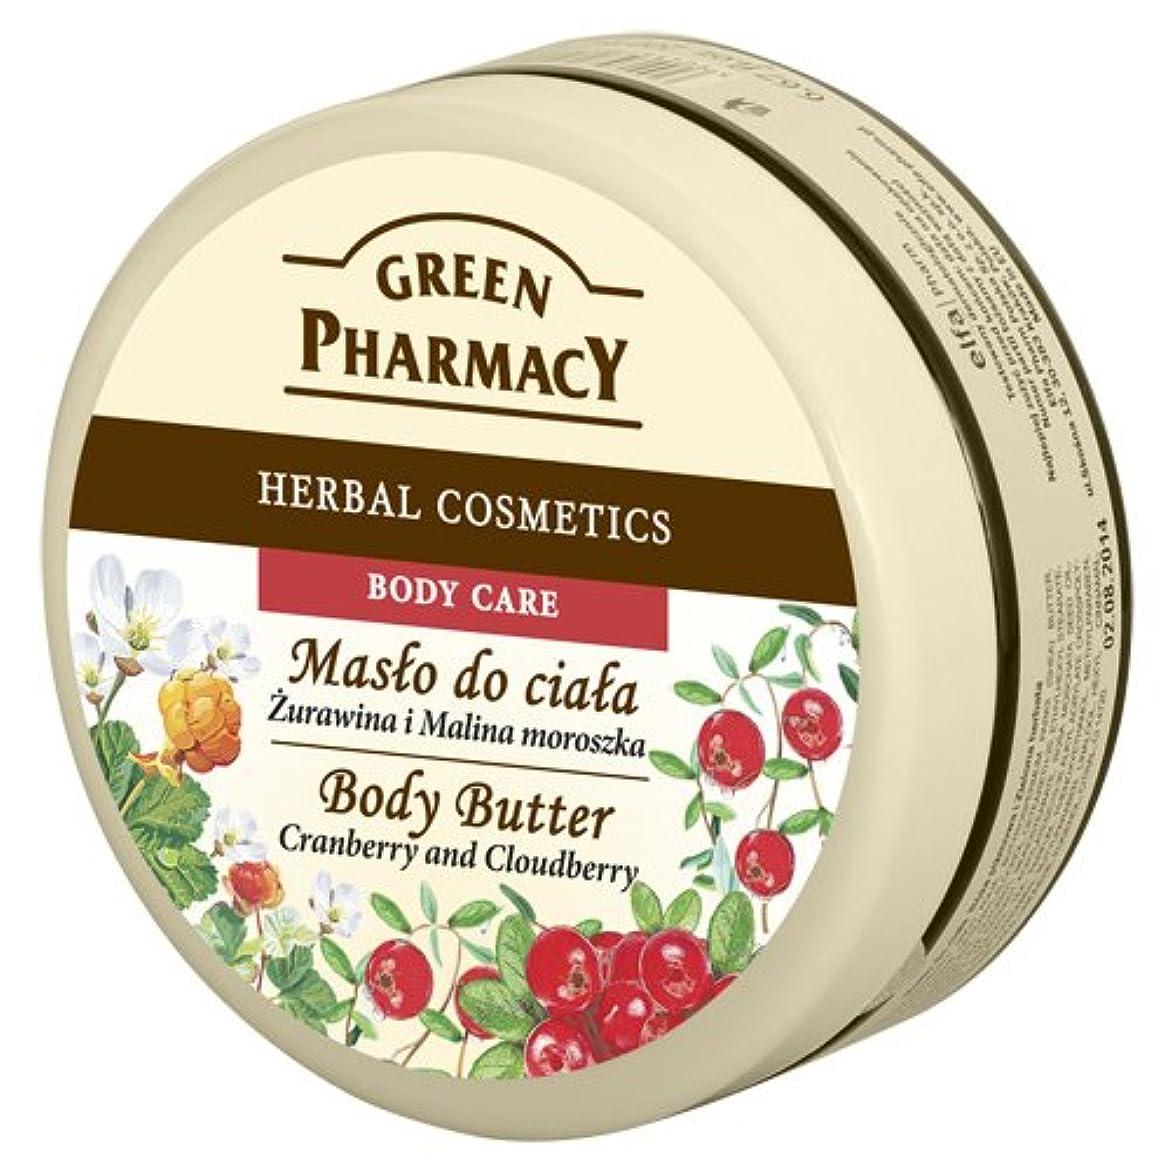 縫う代わって変更可能Elfa Pharm Green Pharmacy グリーンファーマシー Body Butter ボディバター Cranberry and Cloudberry